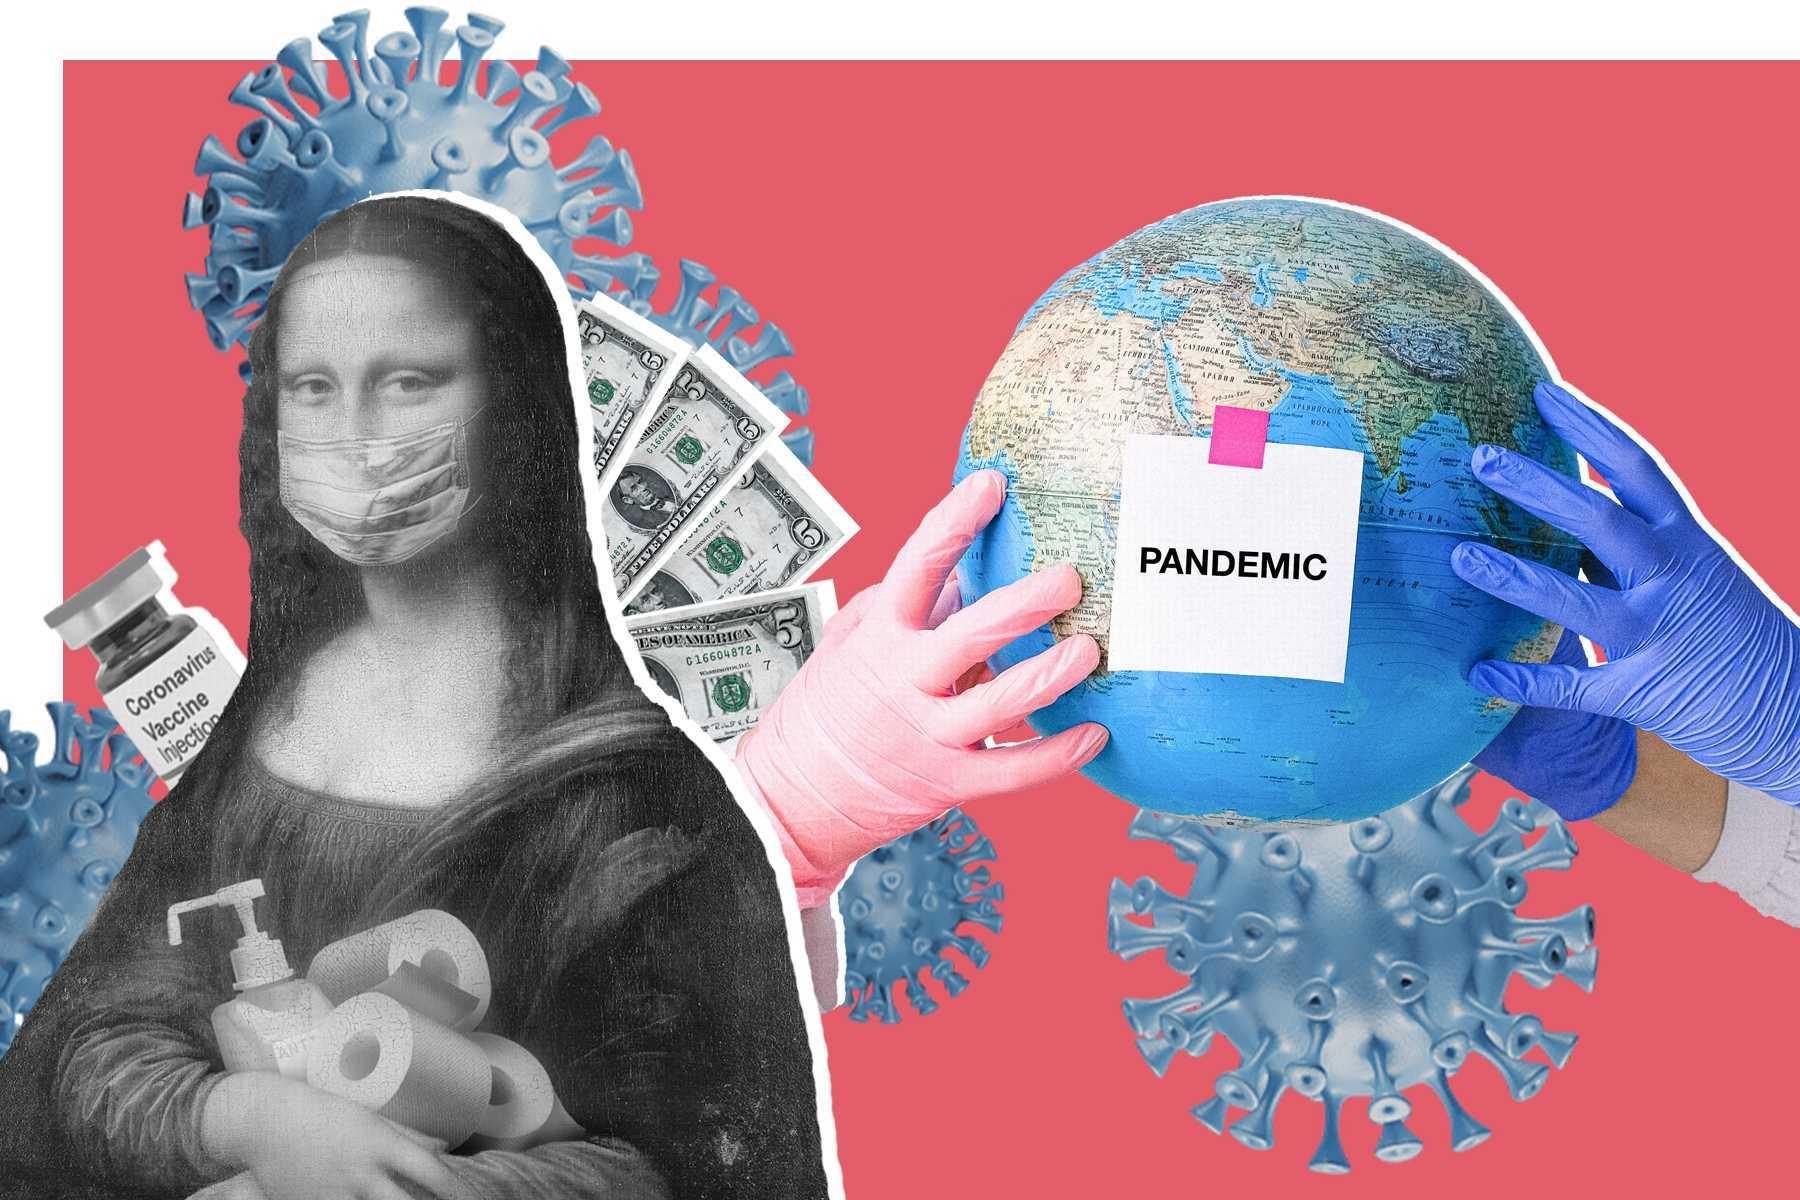 Все про вакцину, економіка після кризи, успіхи Китаю. Коронавірусний дайджест №10